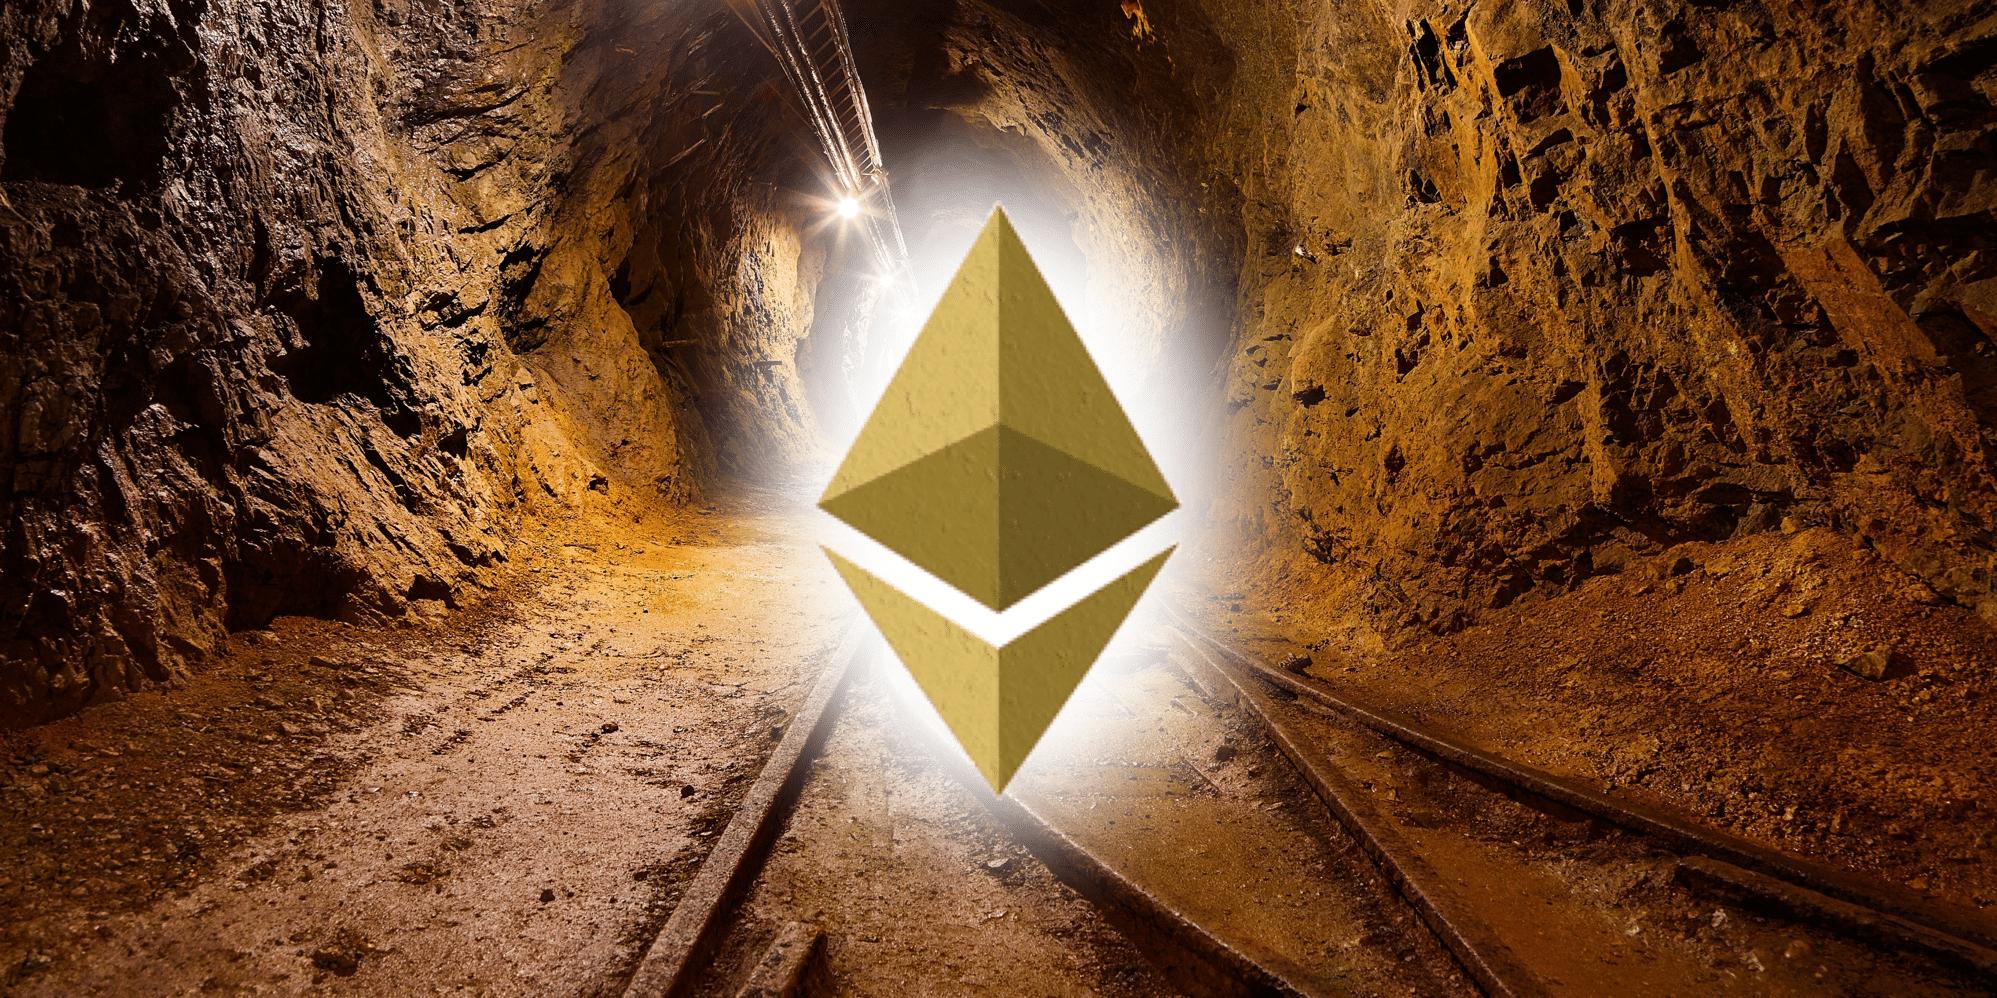 Ethereumda ETH Rekor Eylul Ayinda Madencilerin Yuzu Guldu